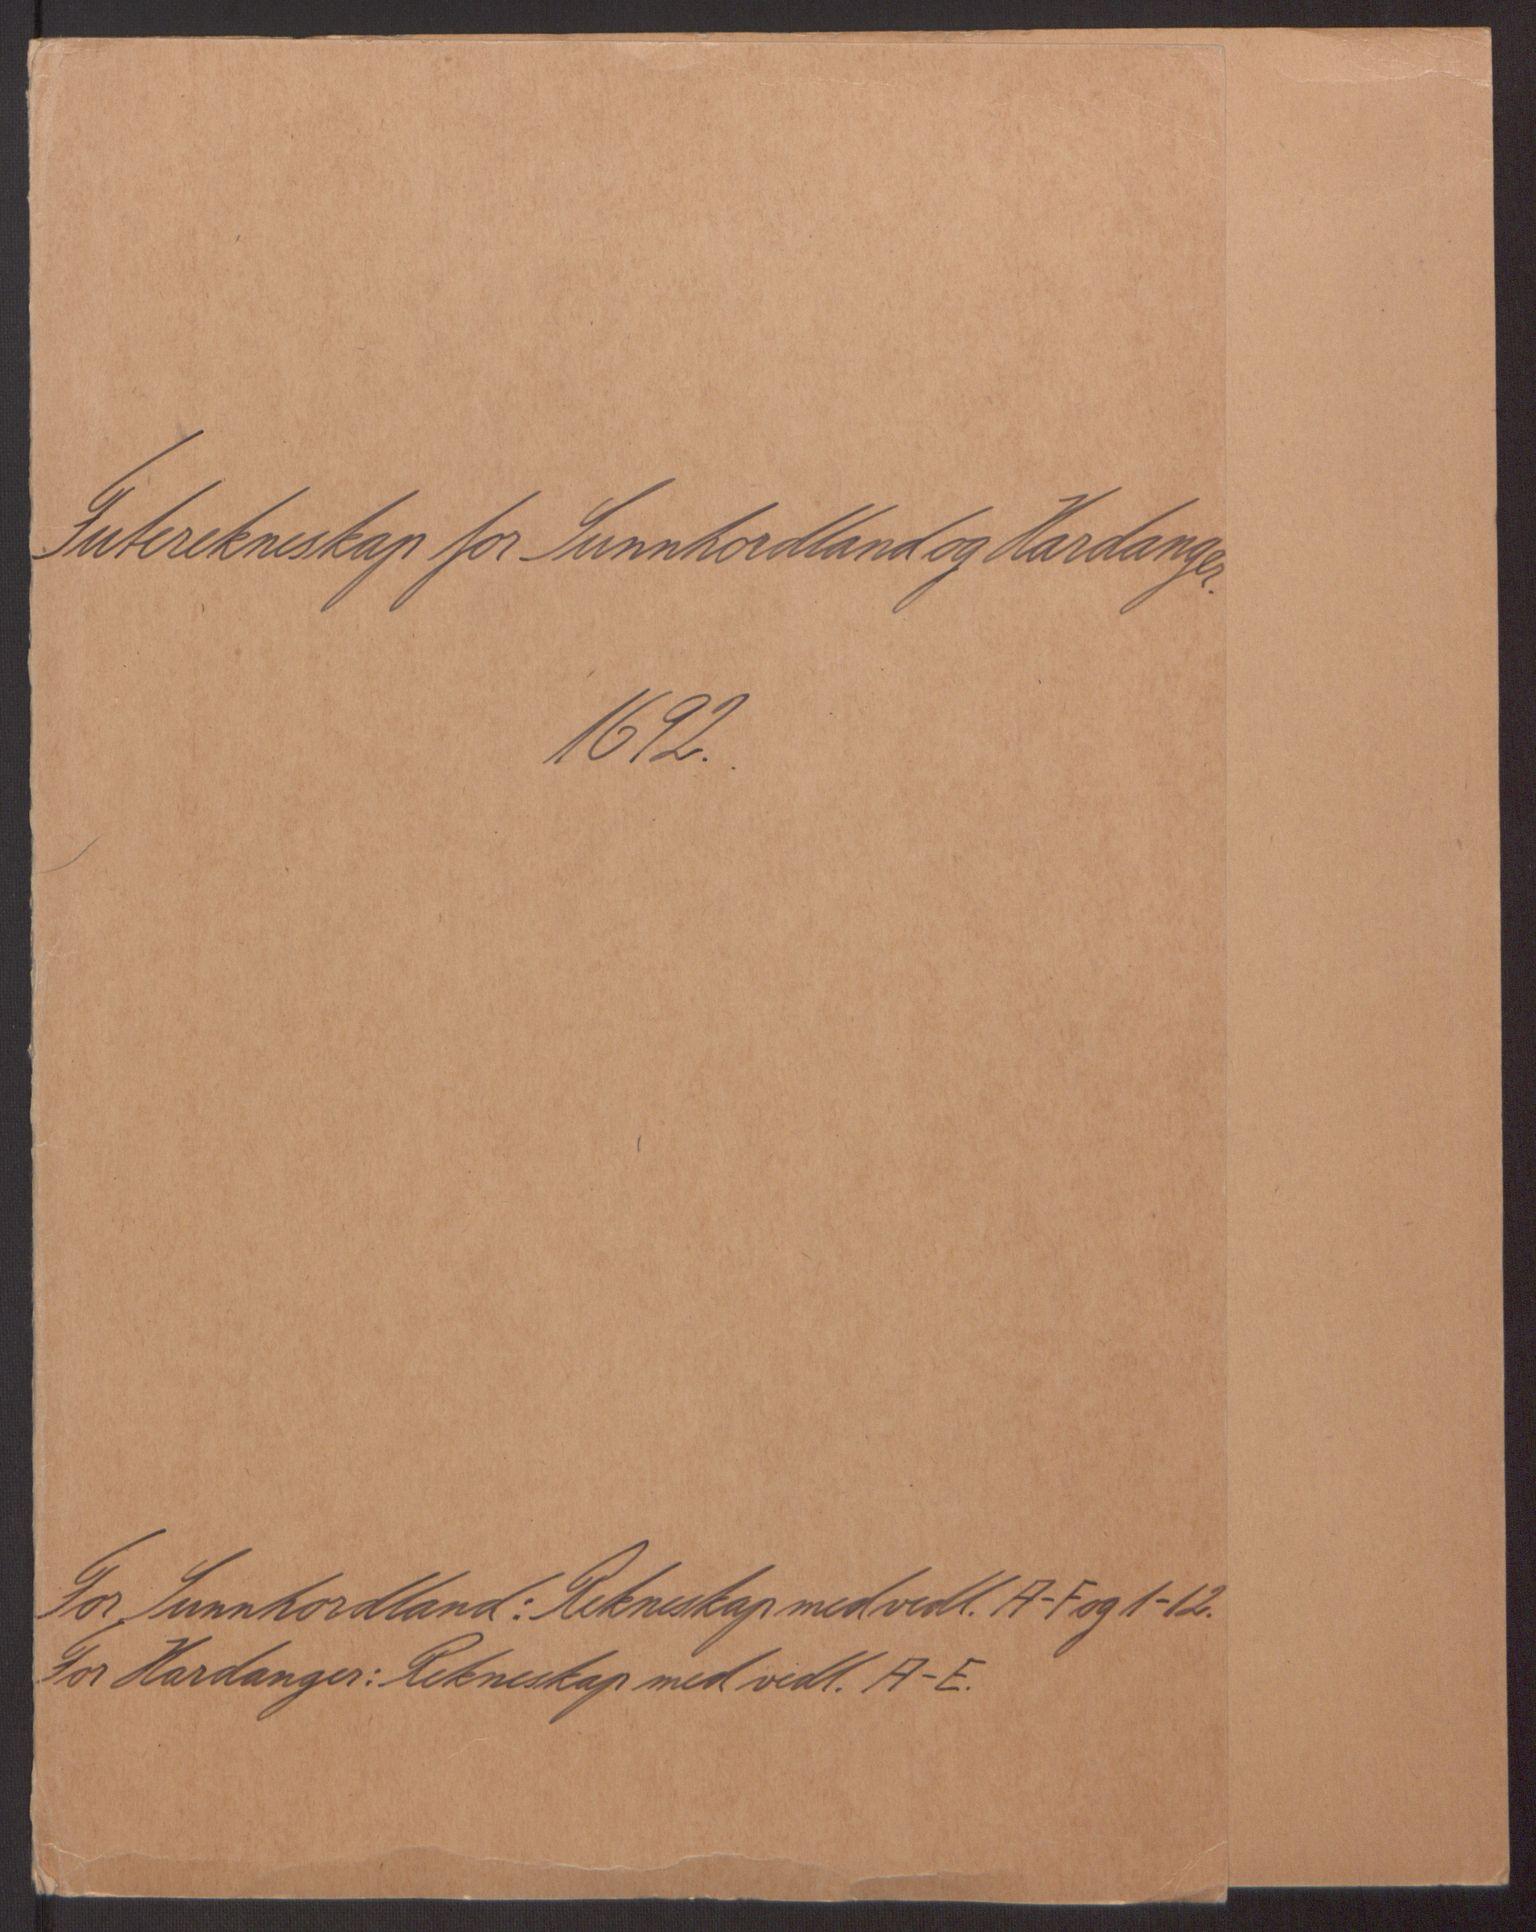 RA, Rentekammeret inntil 1814, Reviderte regnskaper, Fogderegnskap, R48/L2973: Fogderegnskap Sunnhordland og Hardanger, 1691-1692, s. 320